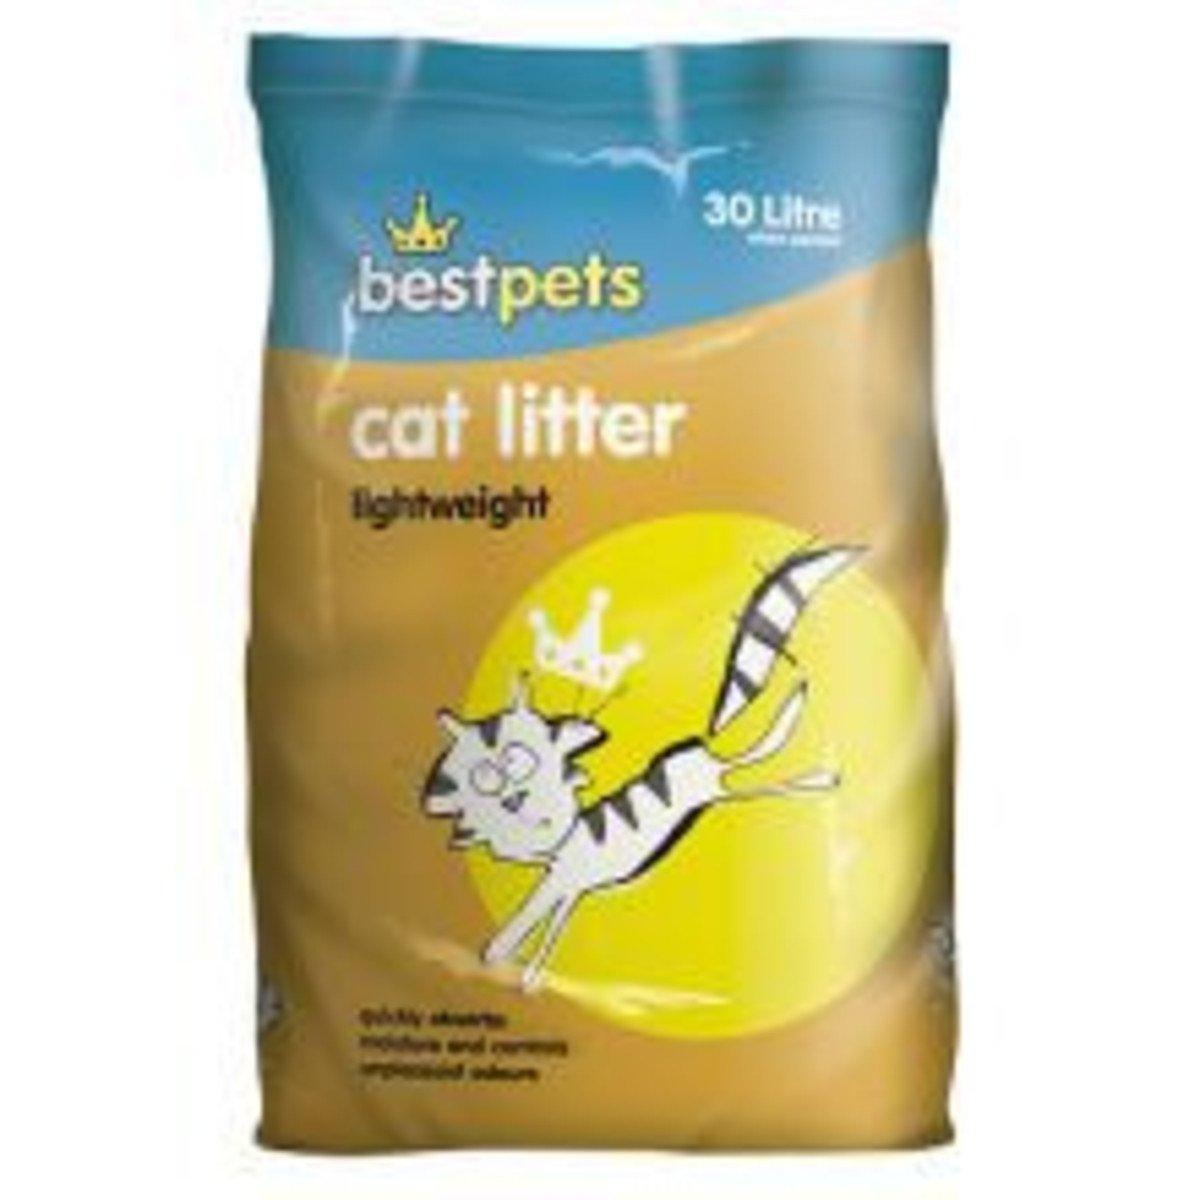 Bestpets Lightweight Cat Litter 30 litres Front of Pack